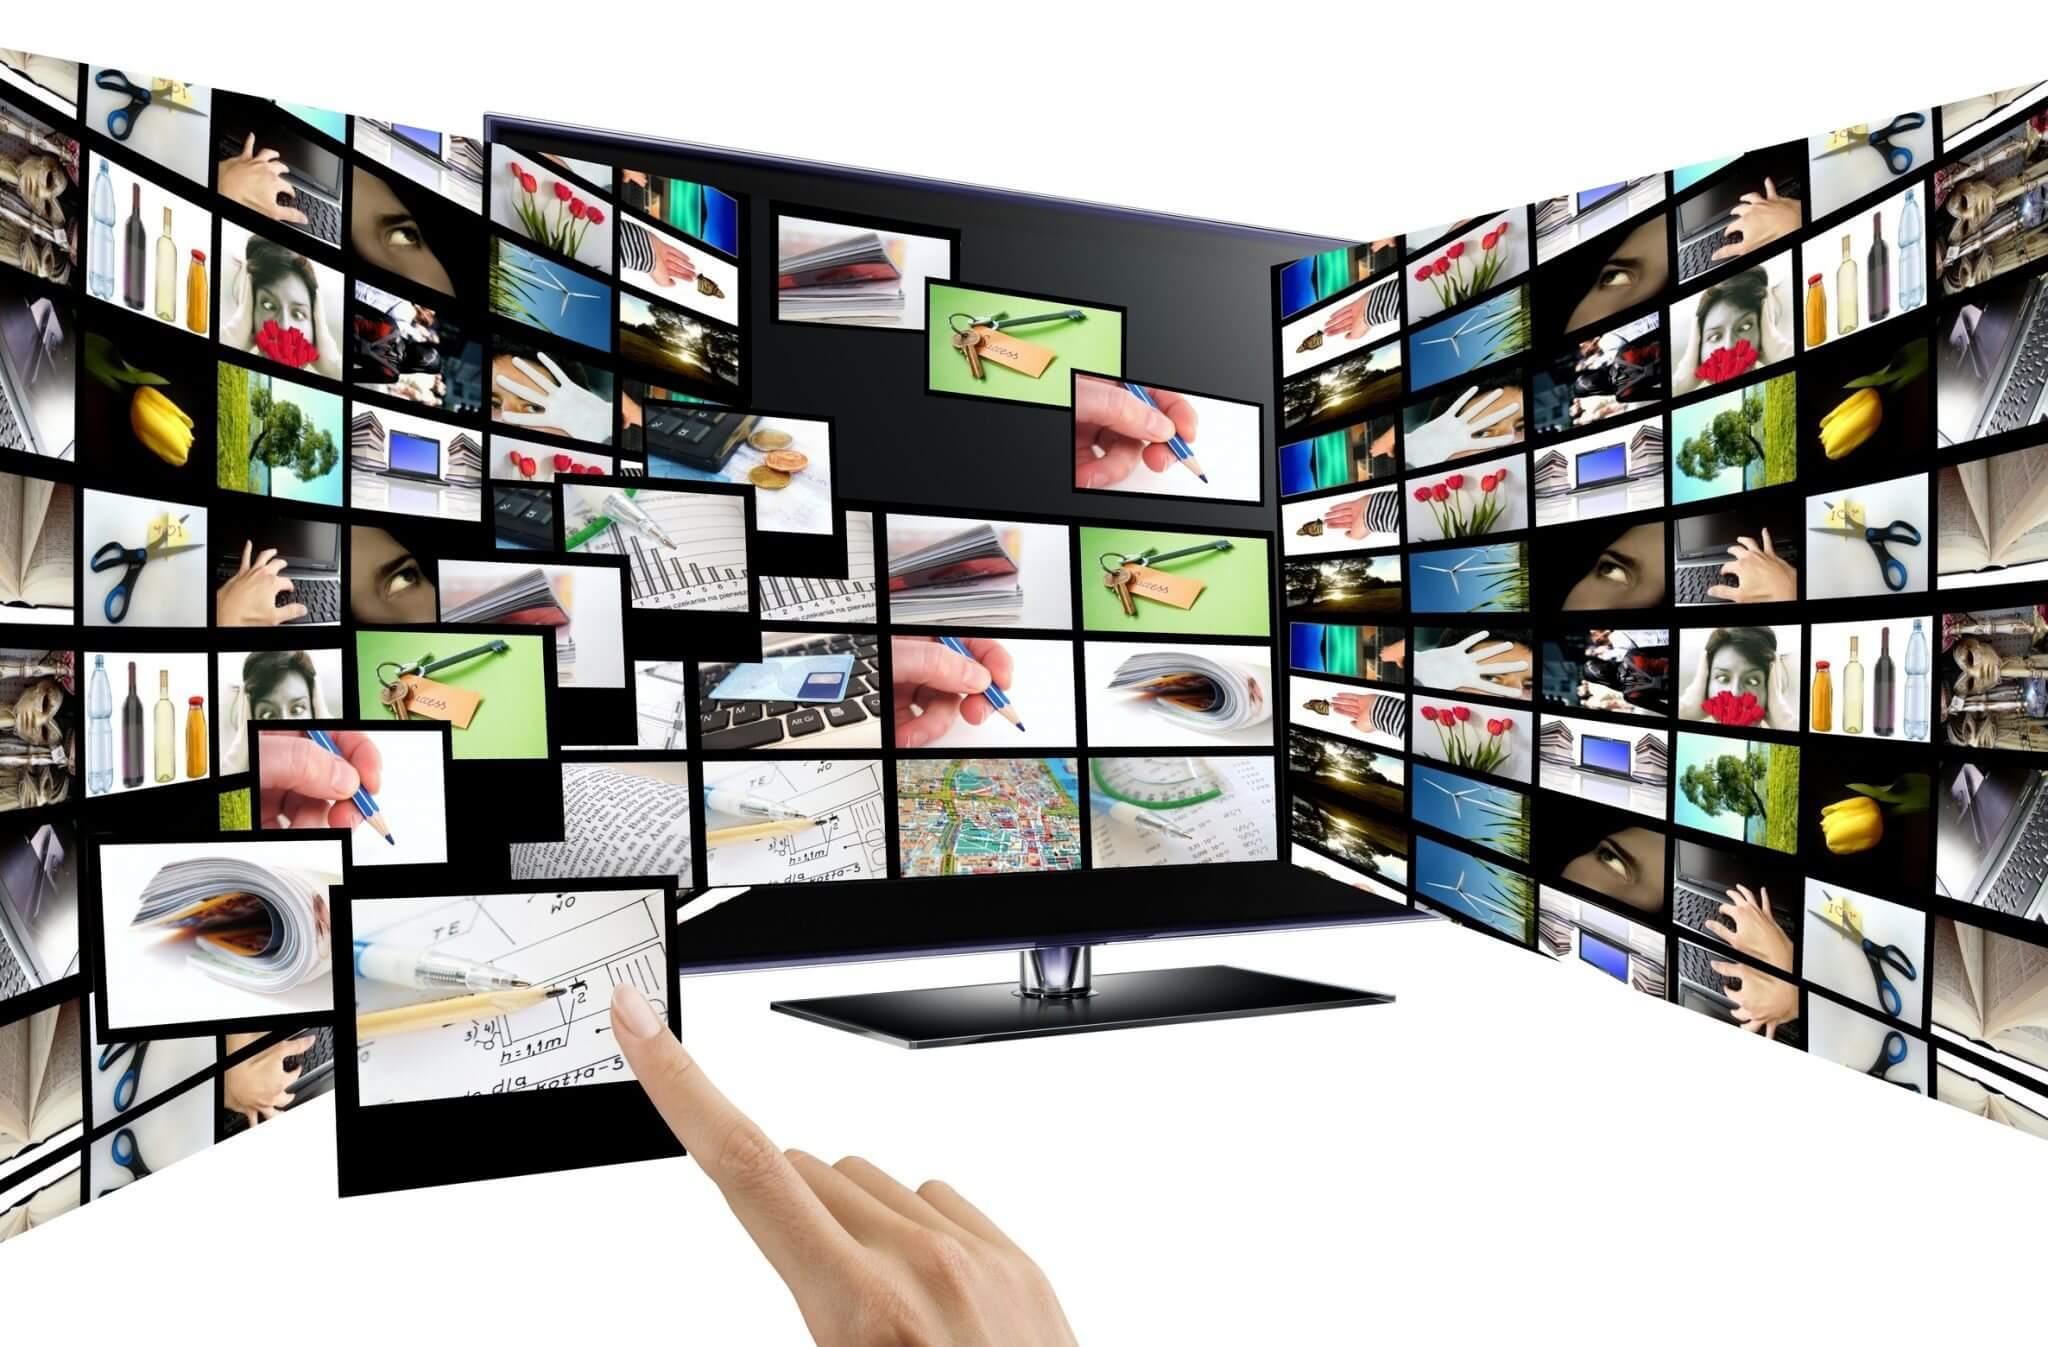 Qual é o melhor sistema de Smart TV: Android TV, webOS ou Tizen? 6